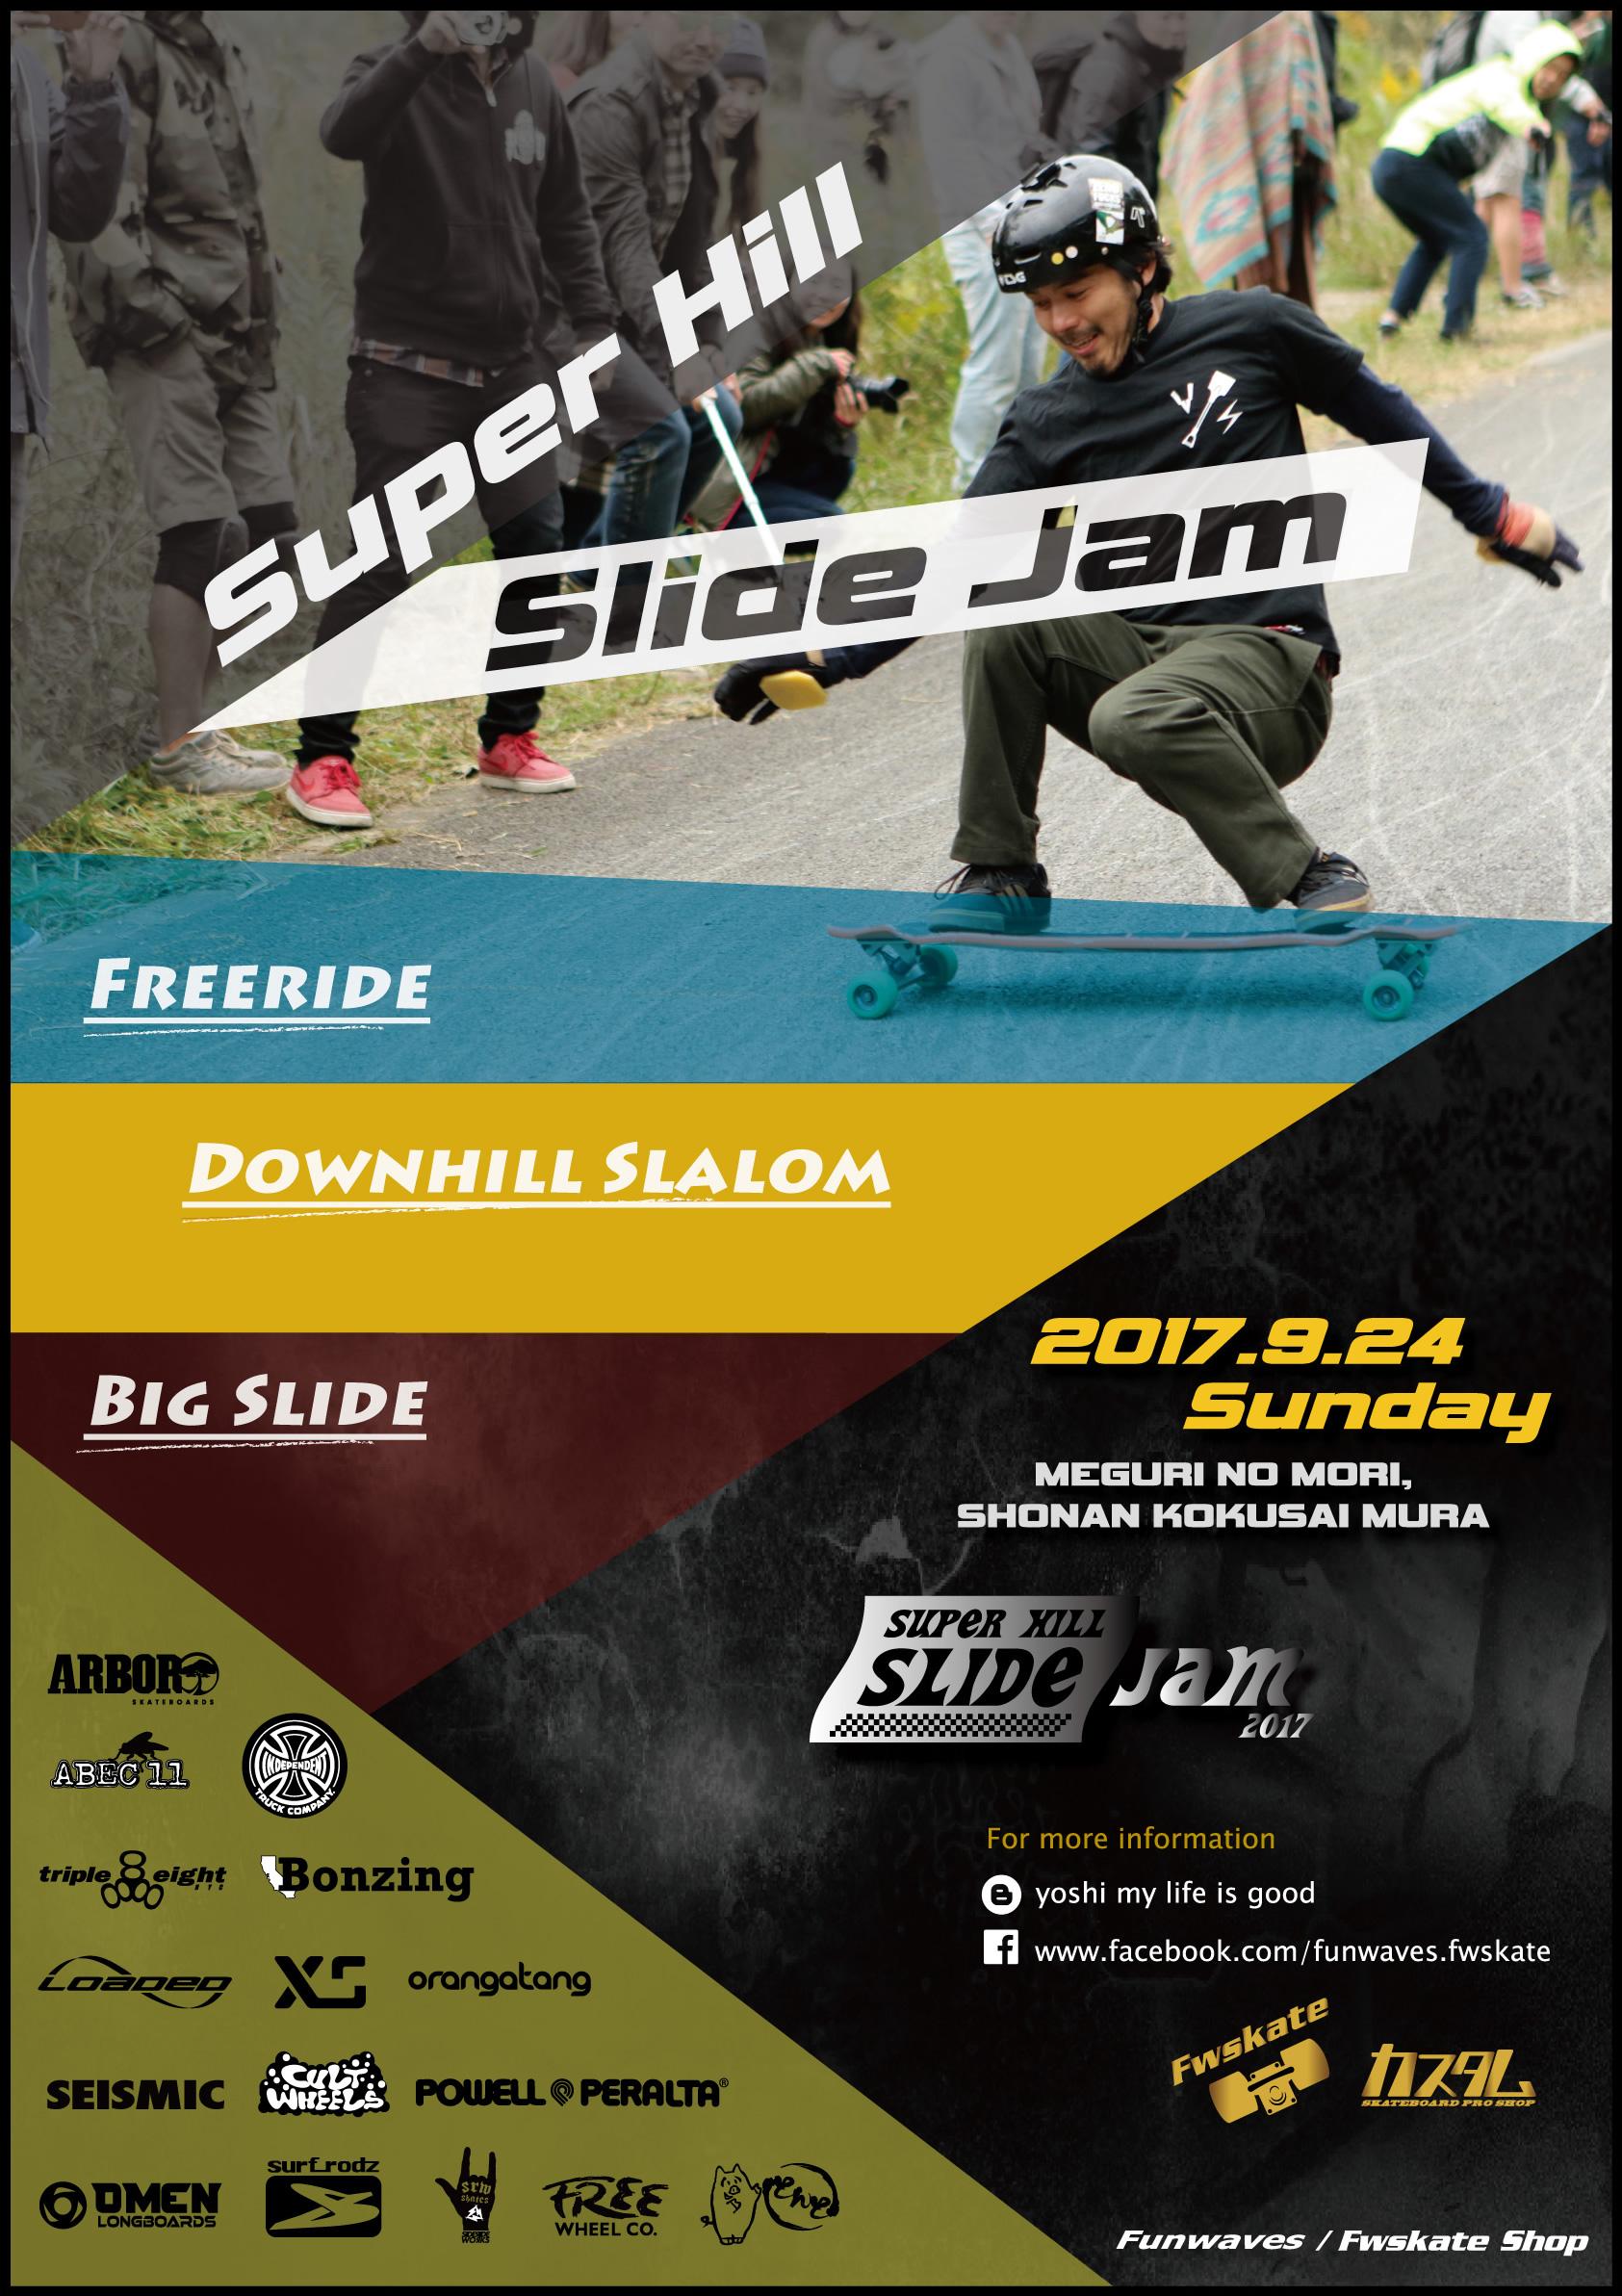 湘南茅ケ崎エフダブスケートボードショップ主催スライドジャムはロンスケやスライドのスケボーイベント大会